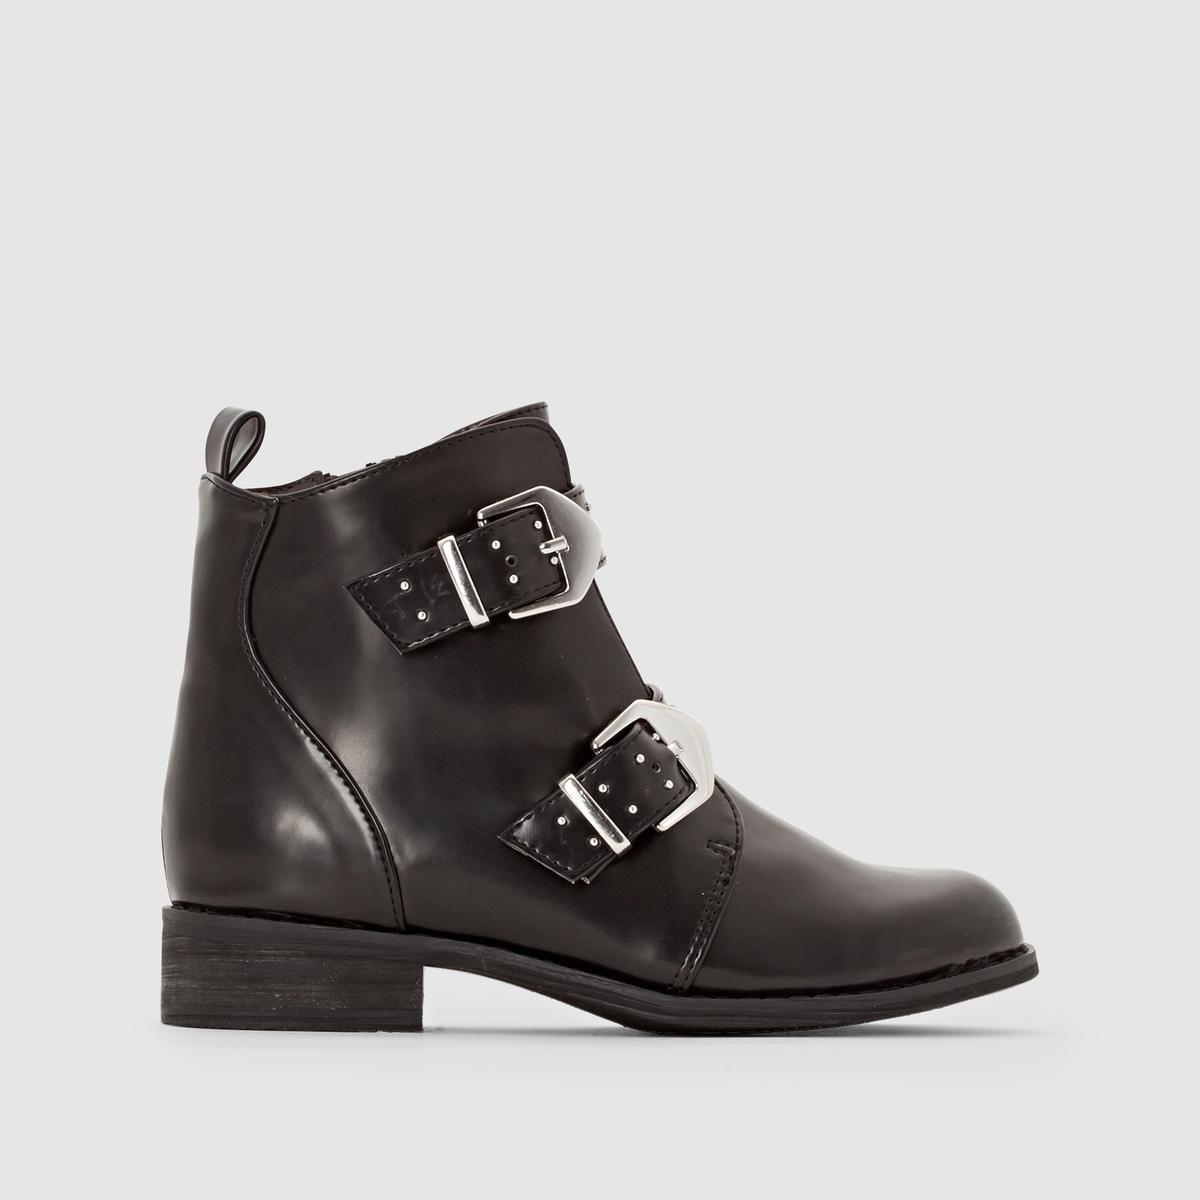 Ботинки в байкерском стиле с ремешками и заклепками